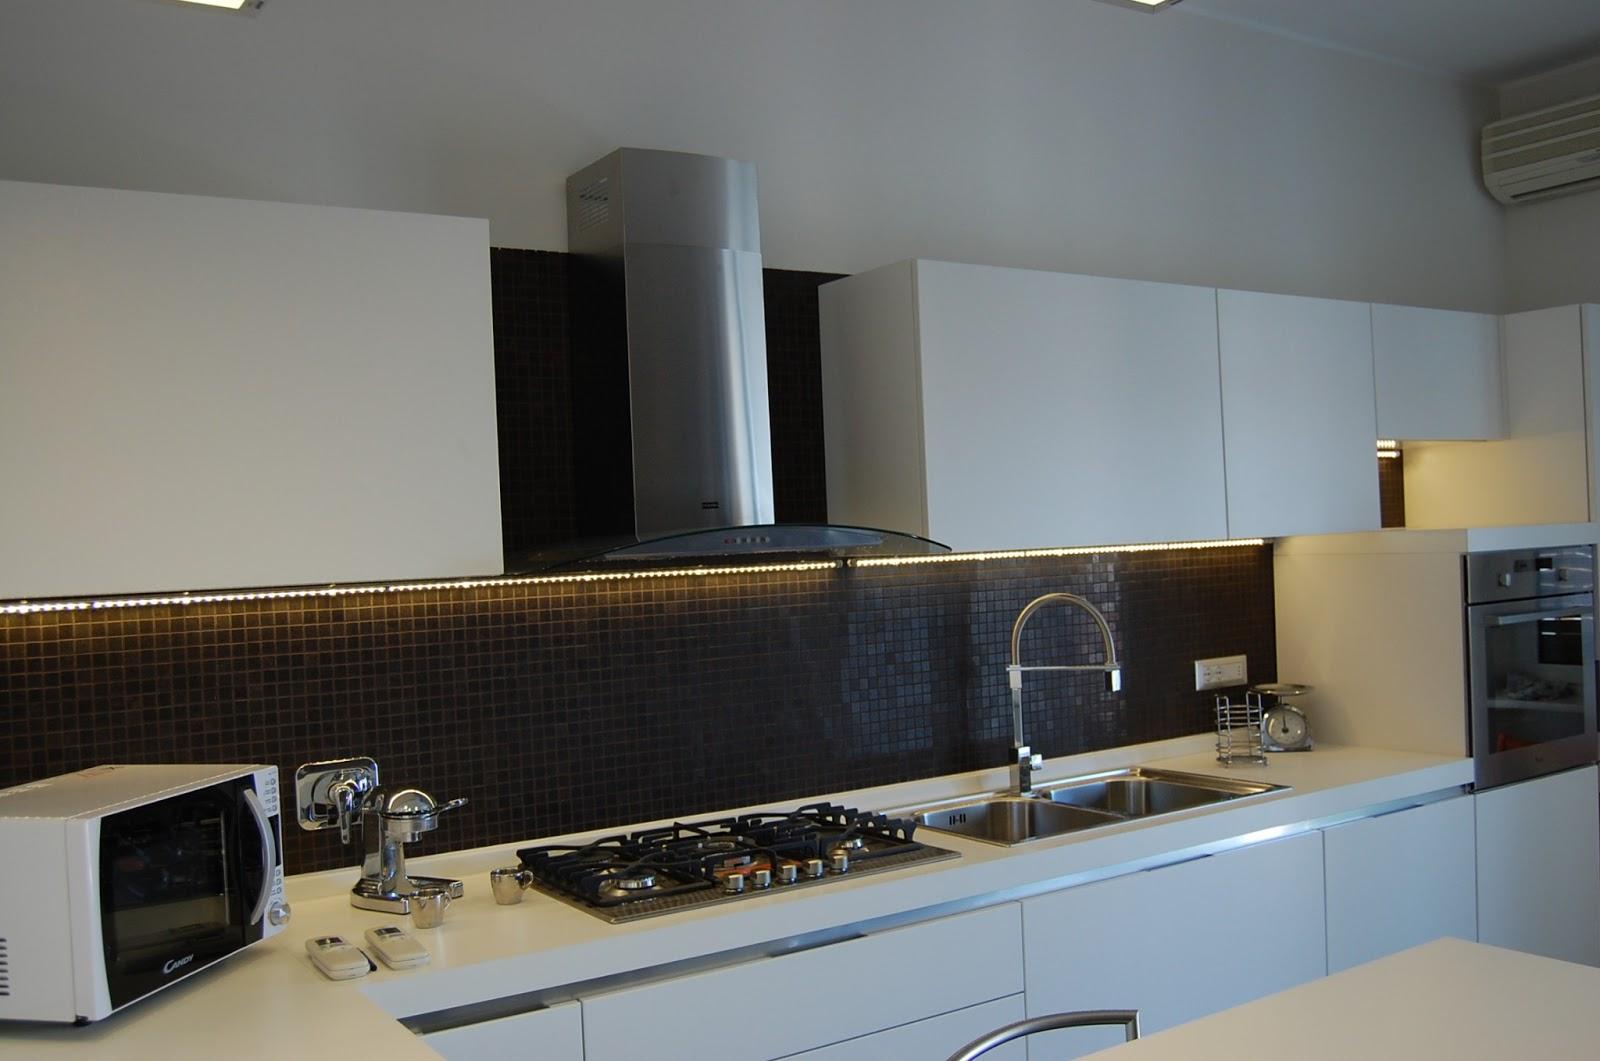 Illuminazione led casa appartamento progetto for Luci led cucina